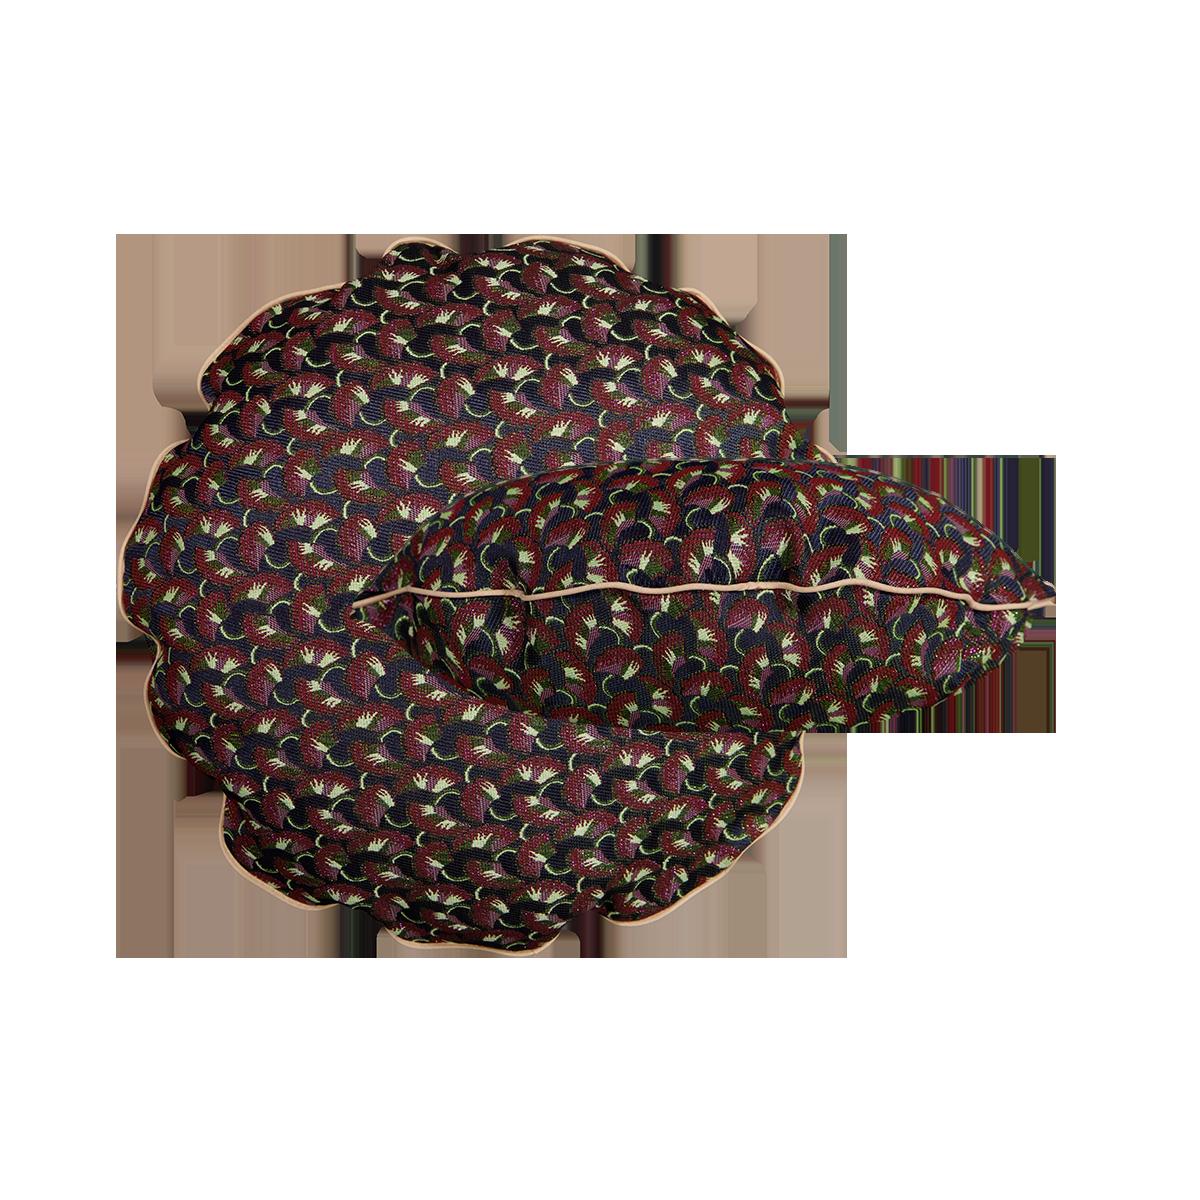 Coussin Bomboloni motif précieux bordeaux